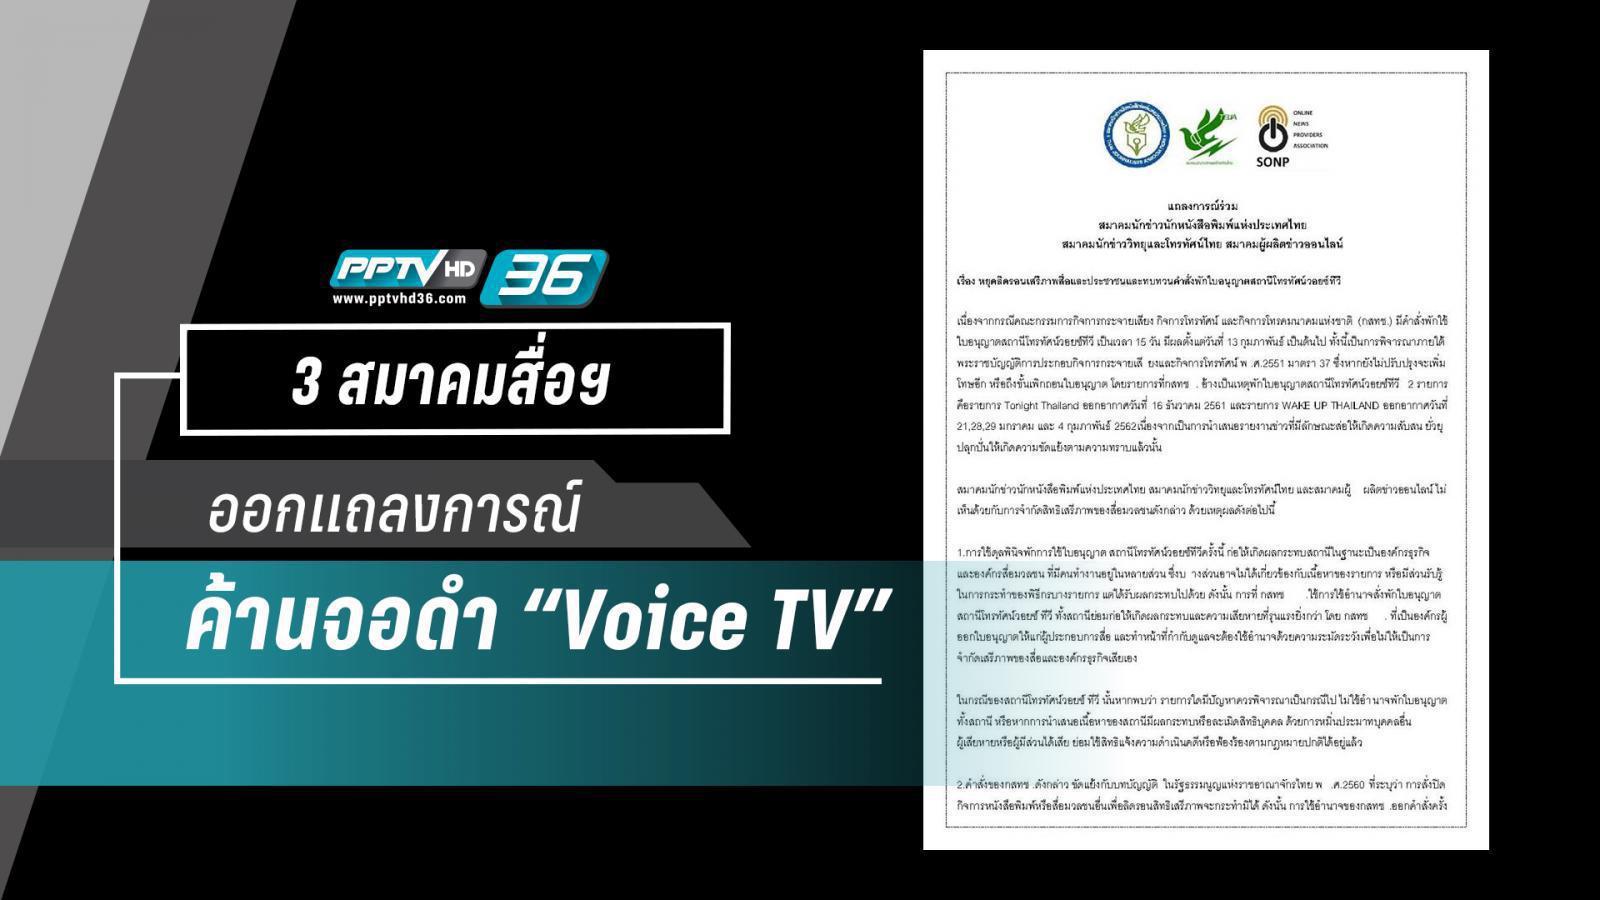 """3 สมาคมสื่อฯ ออกแถลงการณ์ค้าน """"จอดำ"""" Voice TV"""